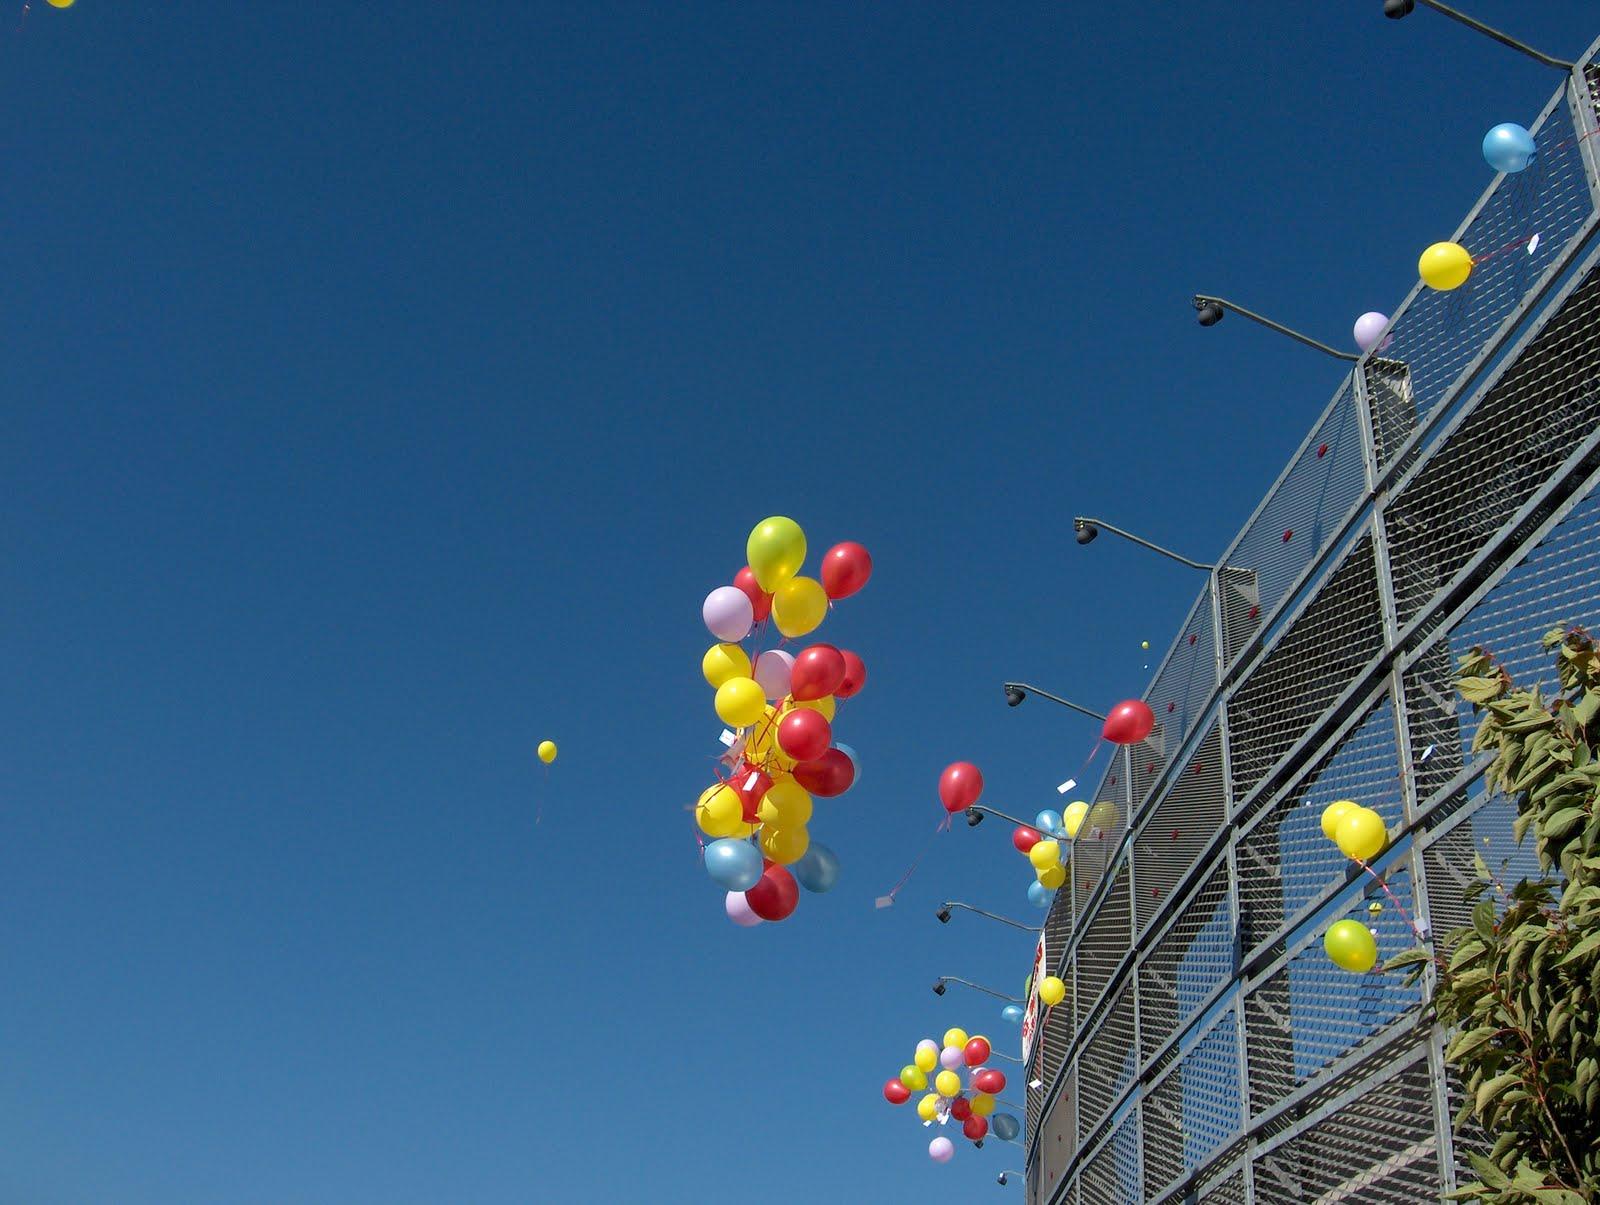 http://2.bp.blogspot.com/_hN7SKHZ3VlQ/TKrQsI4JUAI/AAAAAAAAAZ0/HMX7vVQowlw/s1600/ballon.jpg